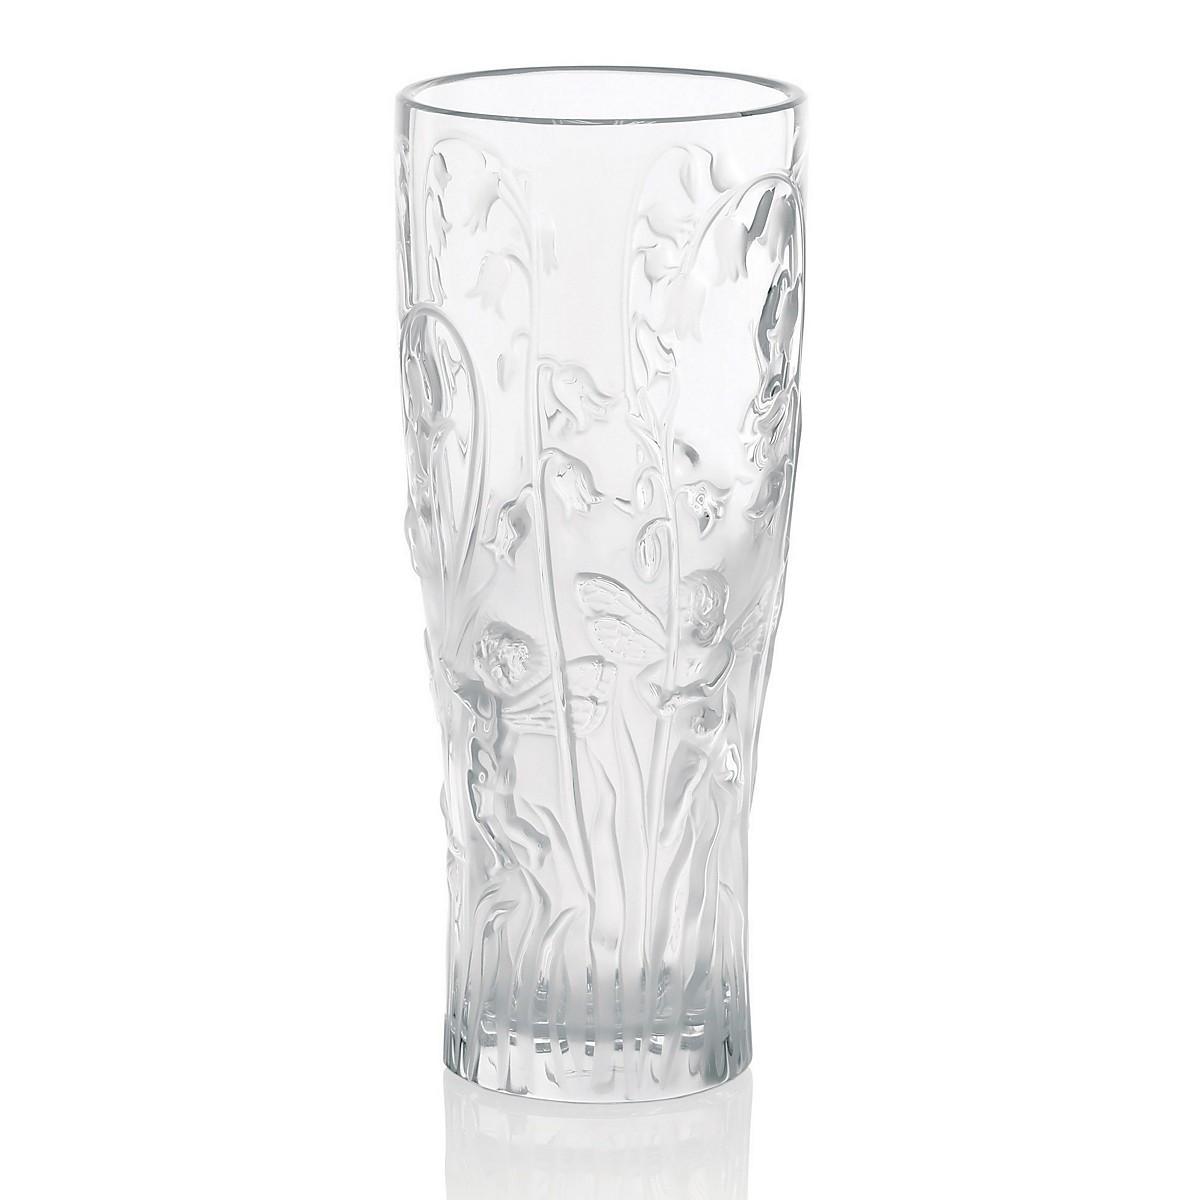 vase lalique les bacchantes of elves vase by lalique glass hepplestone fine art pertaining to elves vase lalique glass